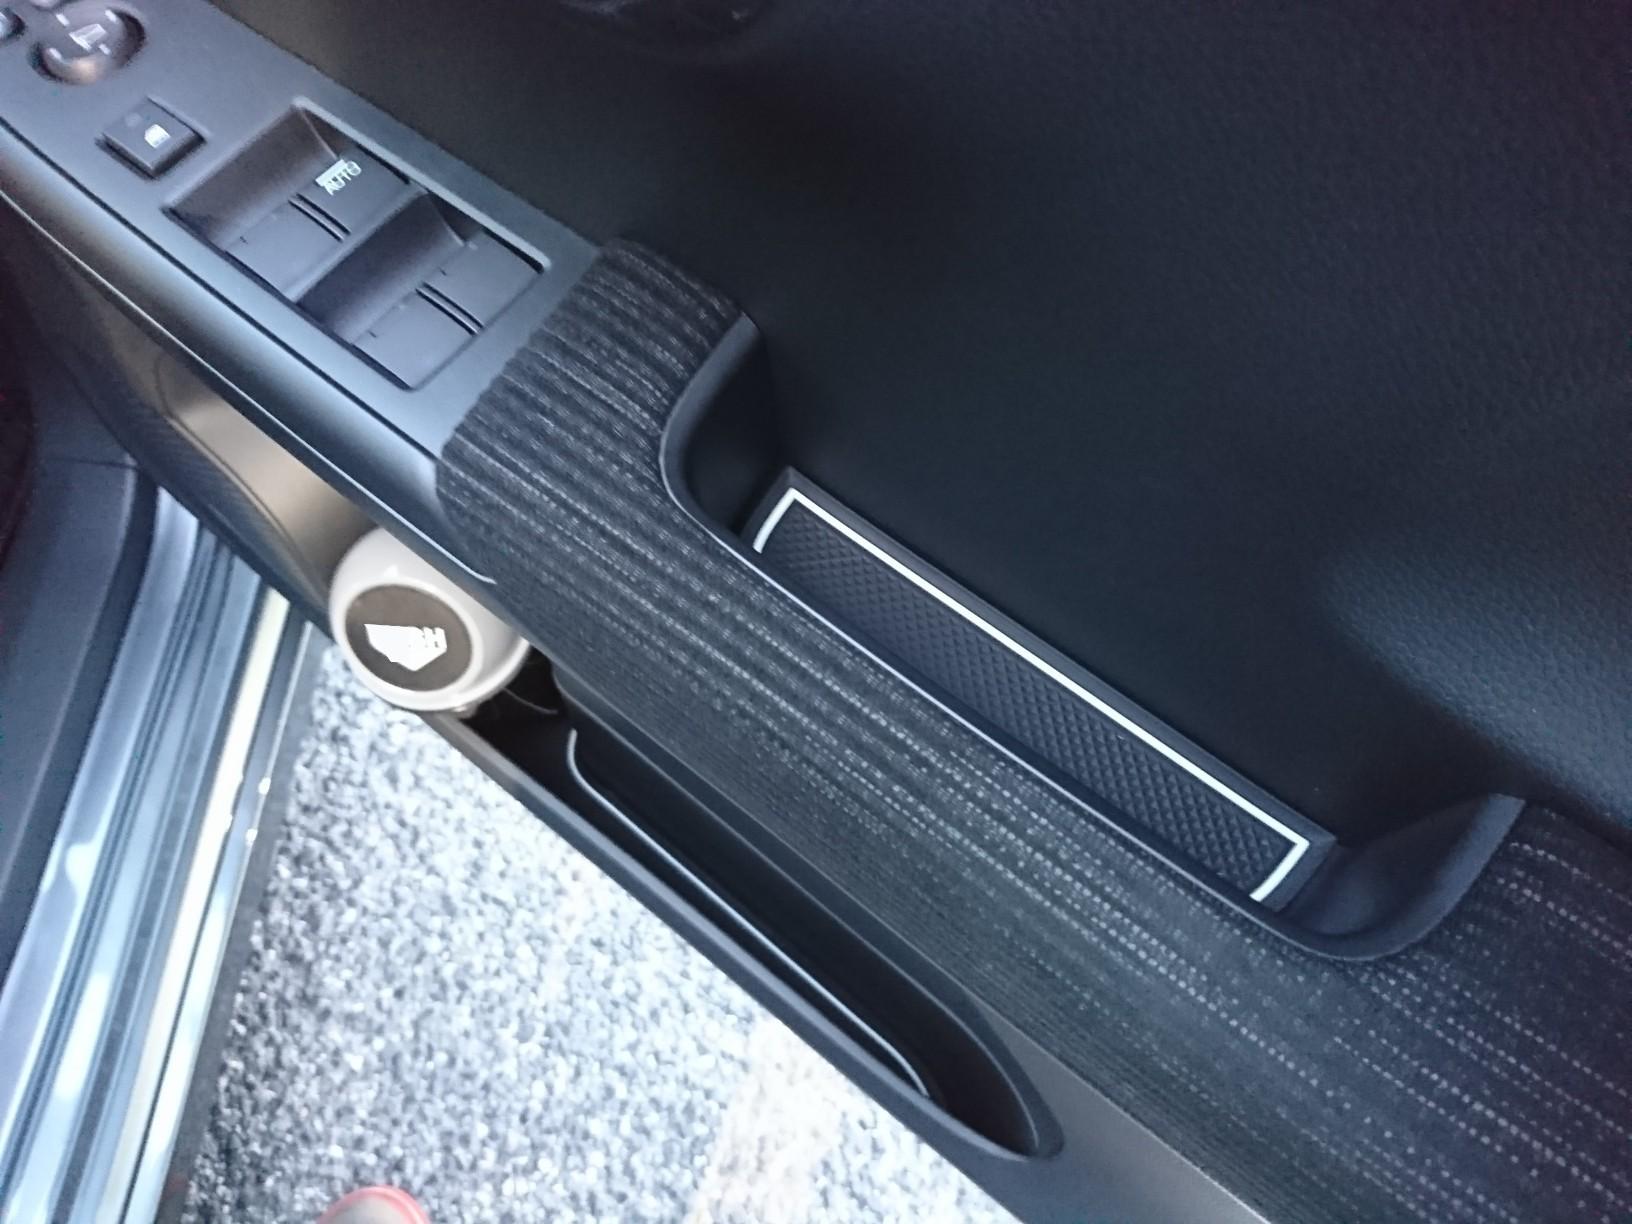 運転席ドア~ ドリンクホルダーには、ダイソーのゴミ箱突っ込んでます~